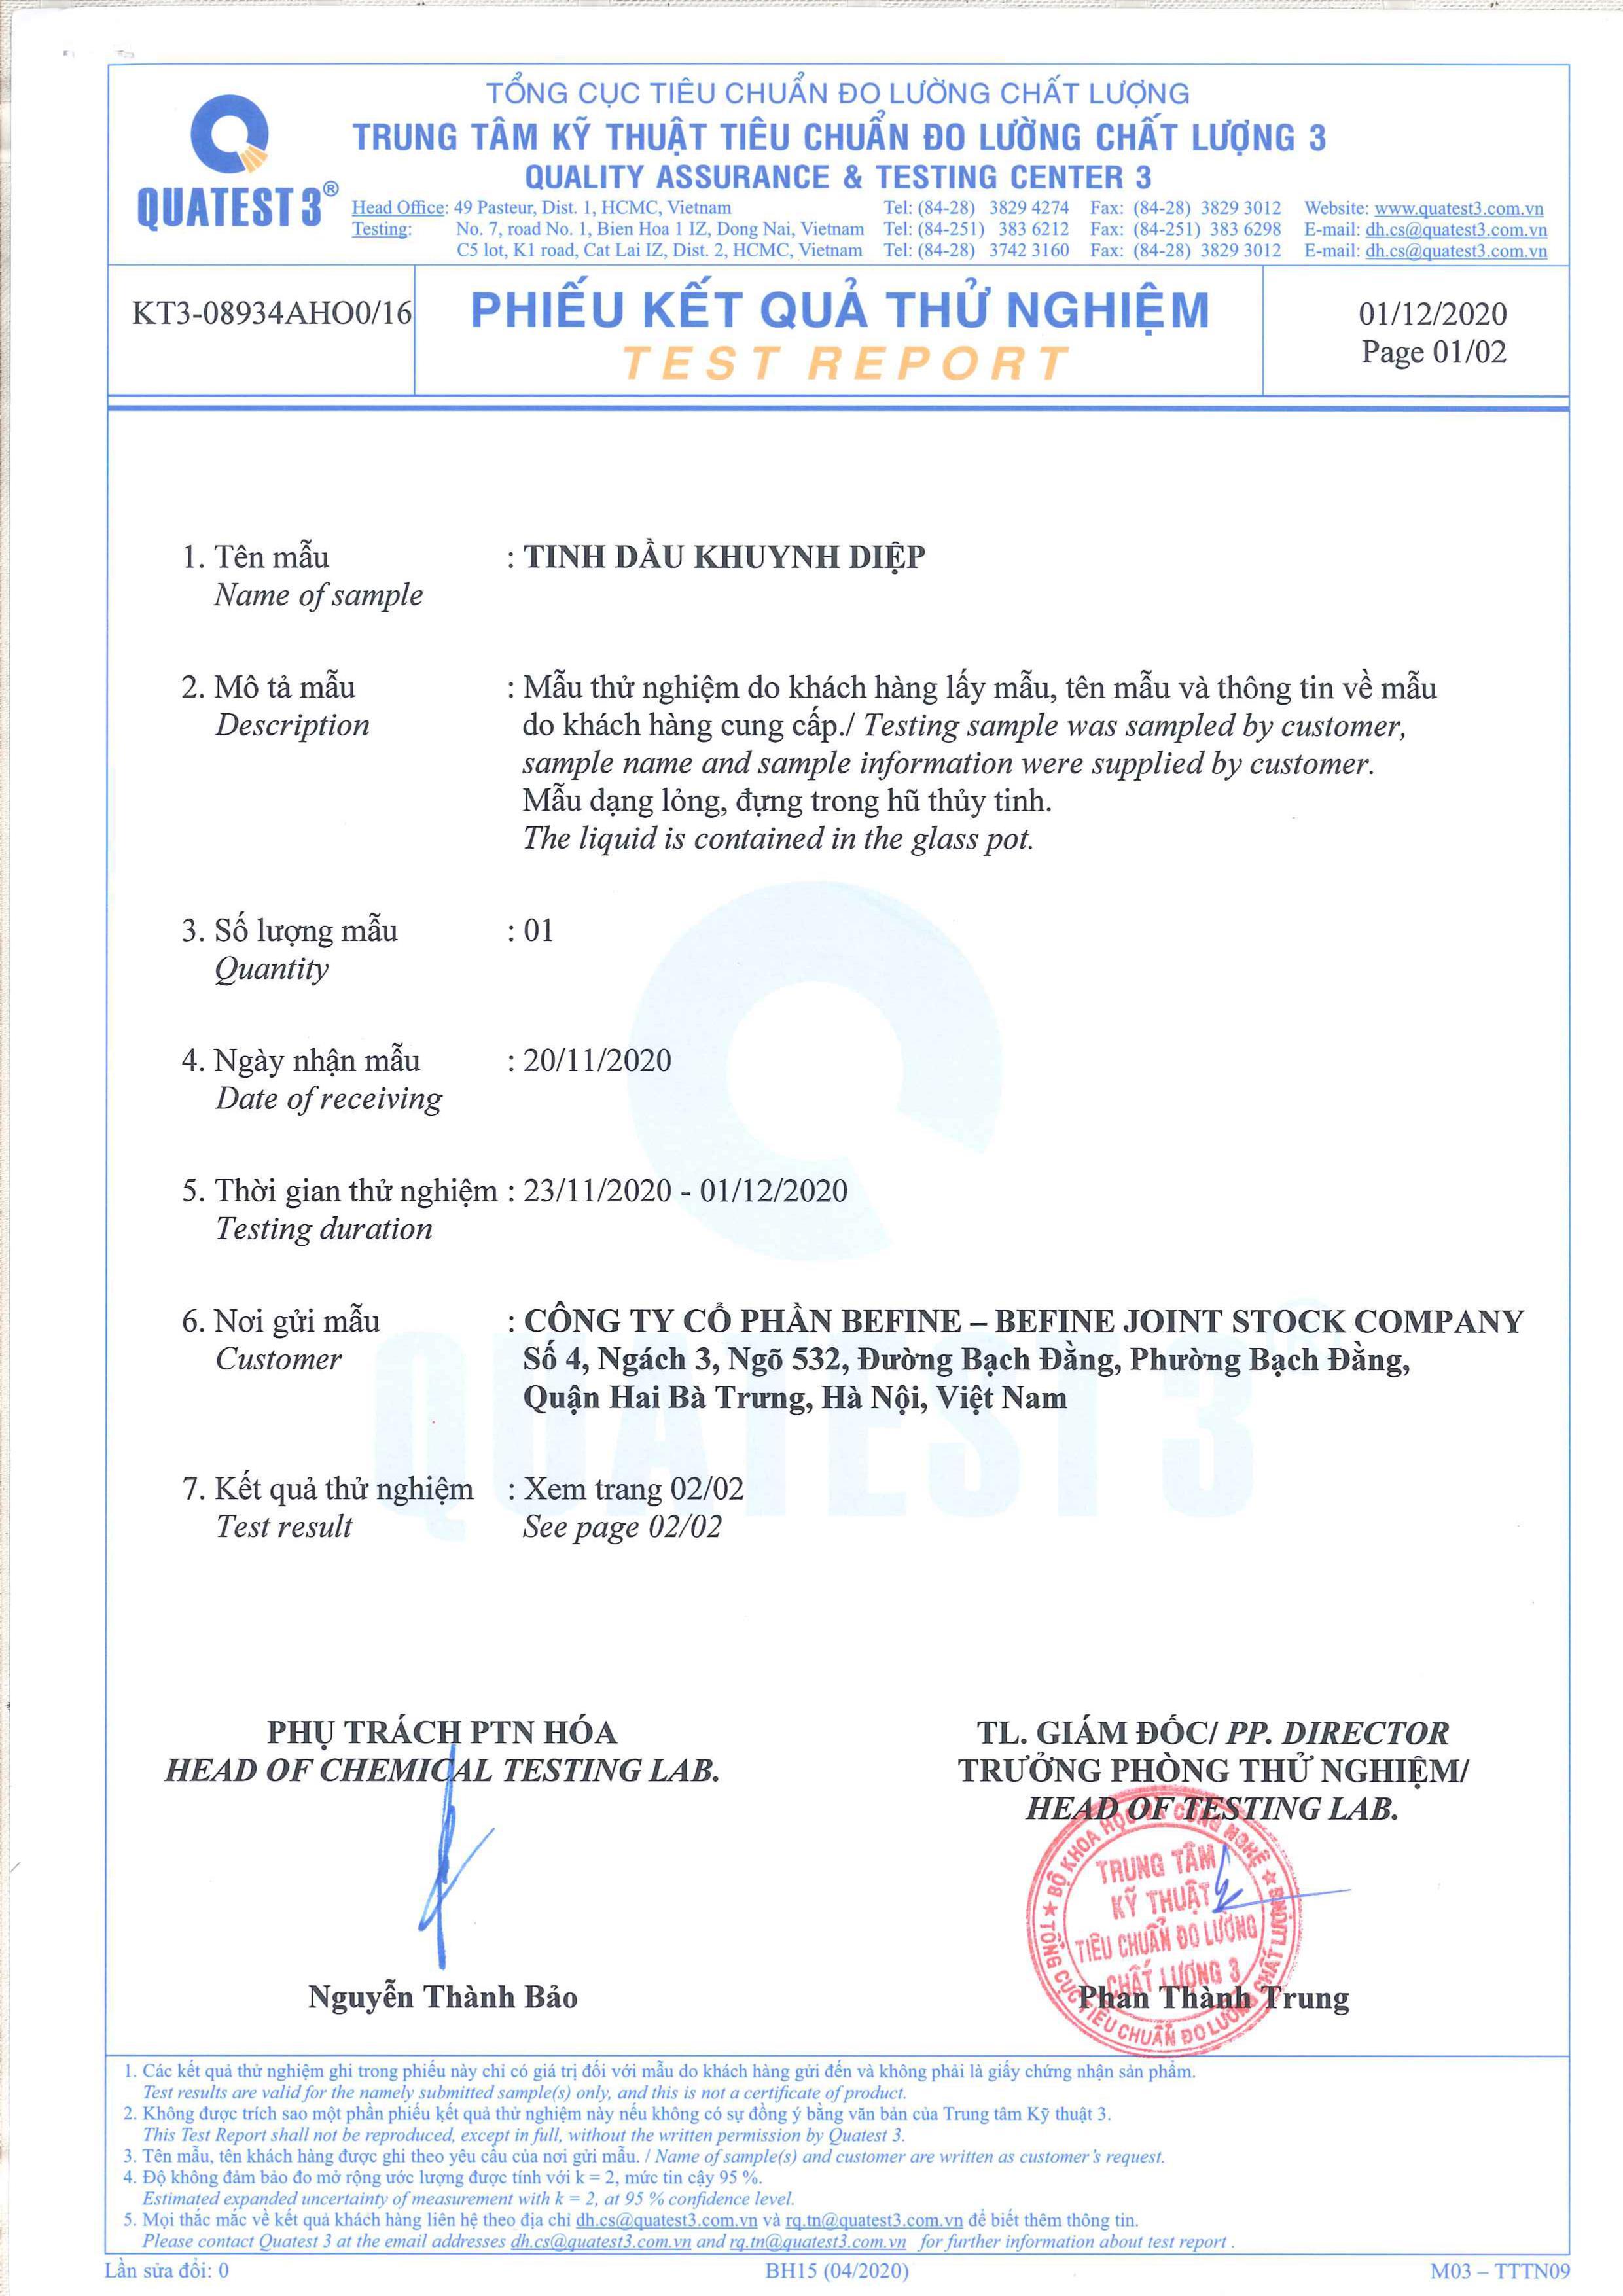 Bản kiểm nghiệm GCMS tinh dầu khuynh diệp Befine 1